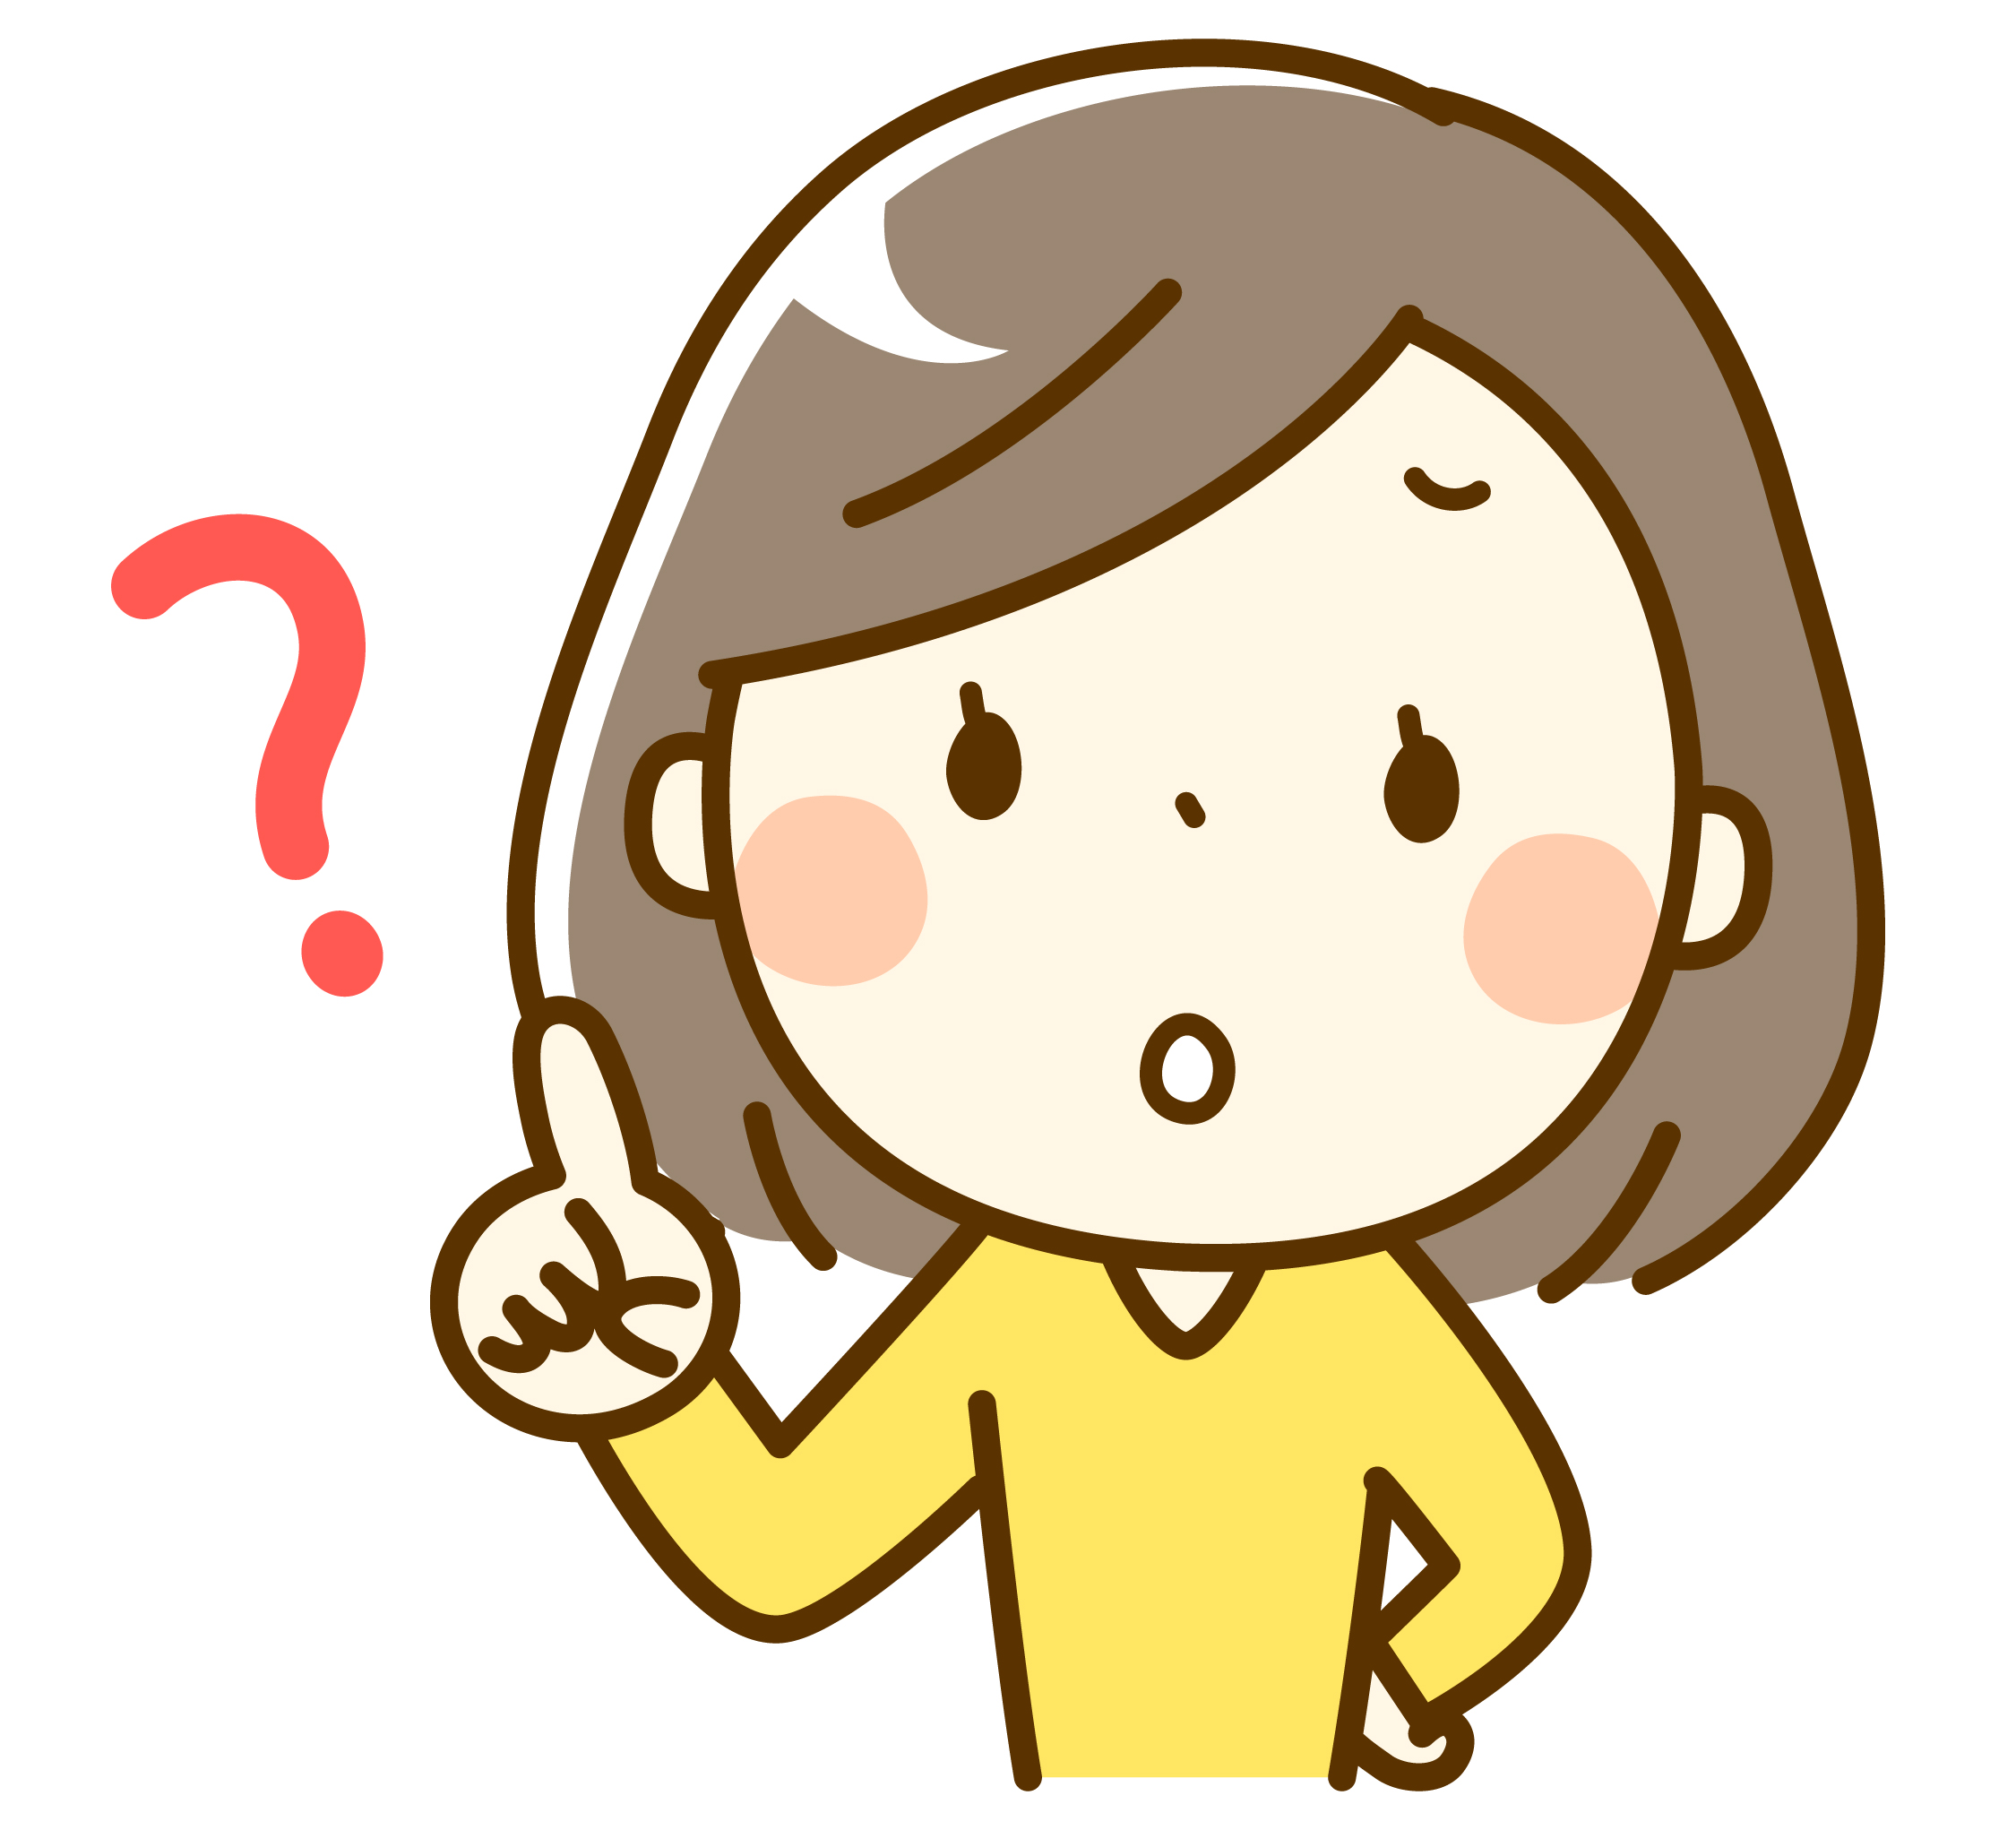 疑問を感じる女性のイメージ画像2